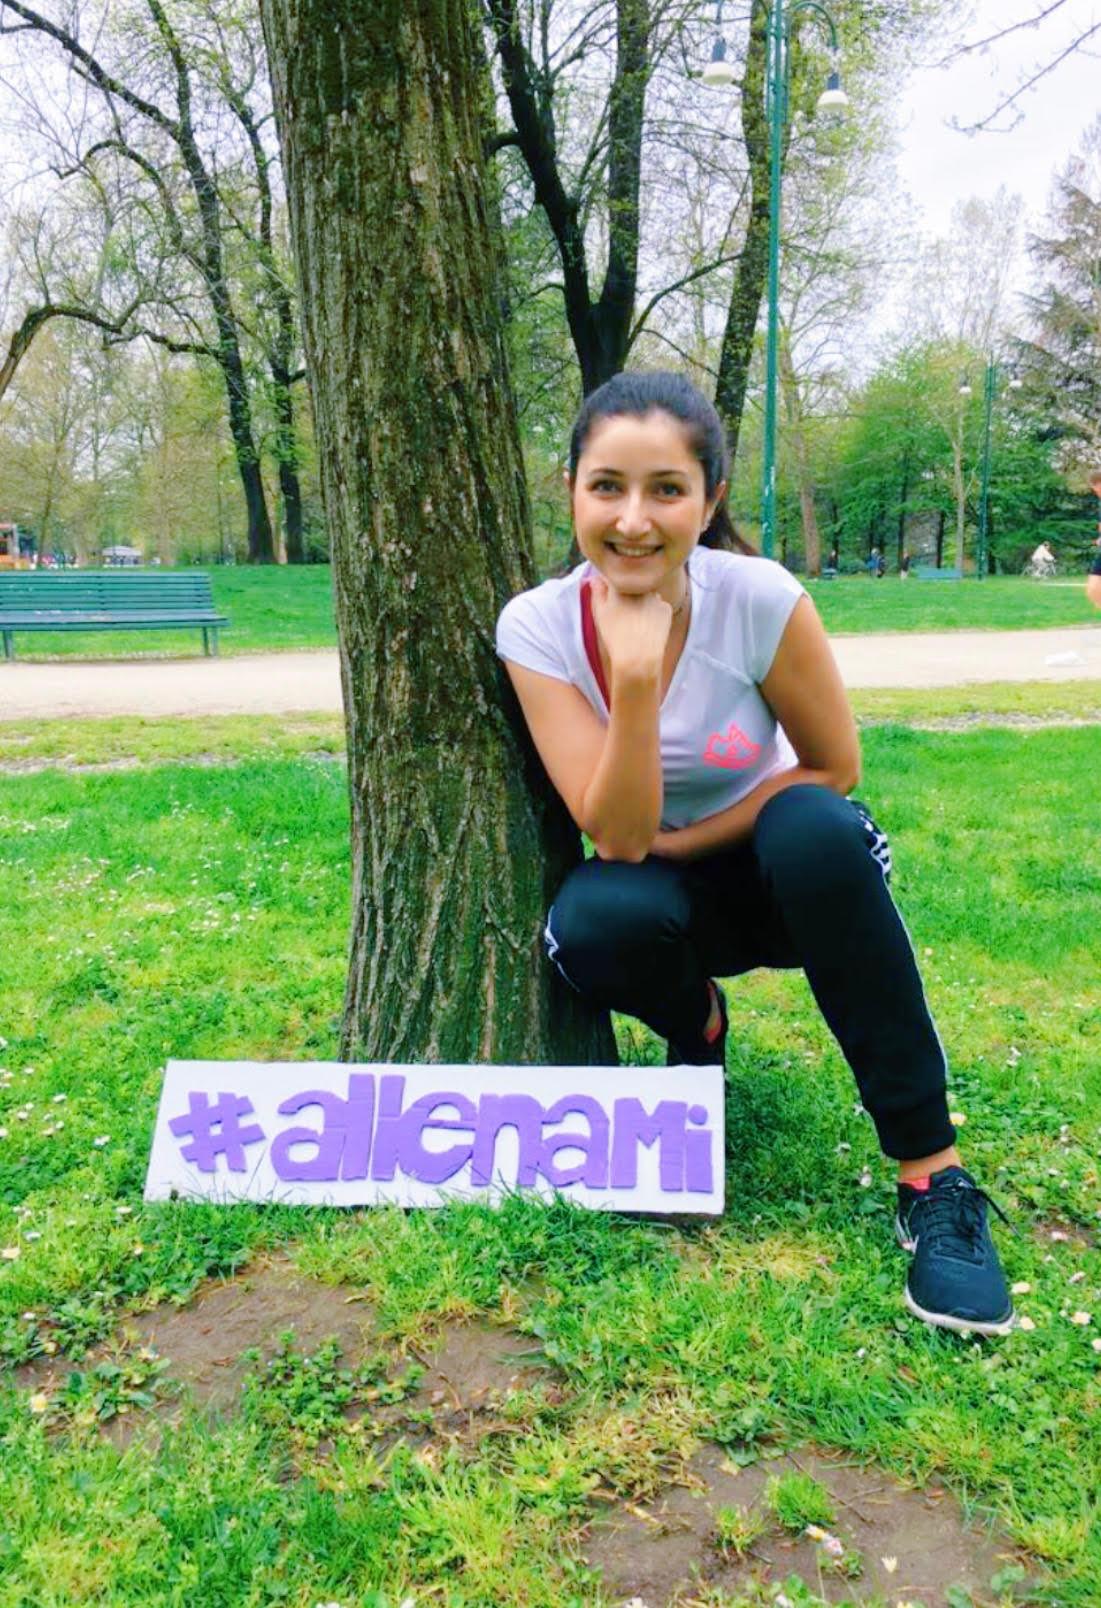 Maria Luisa Allyoucanfit #Allenami